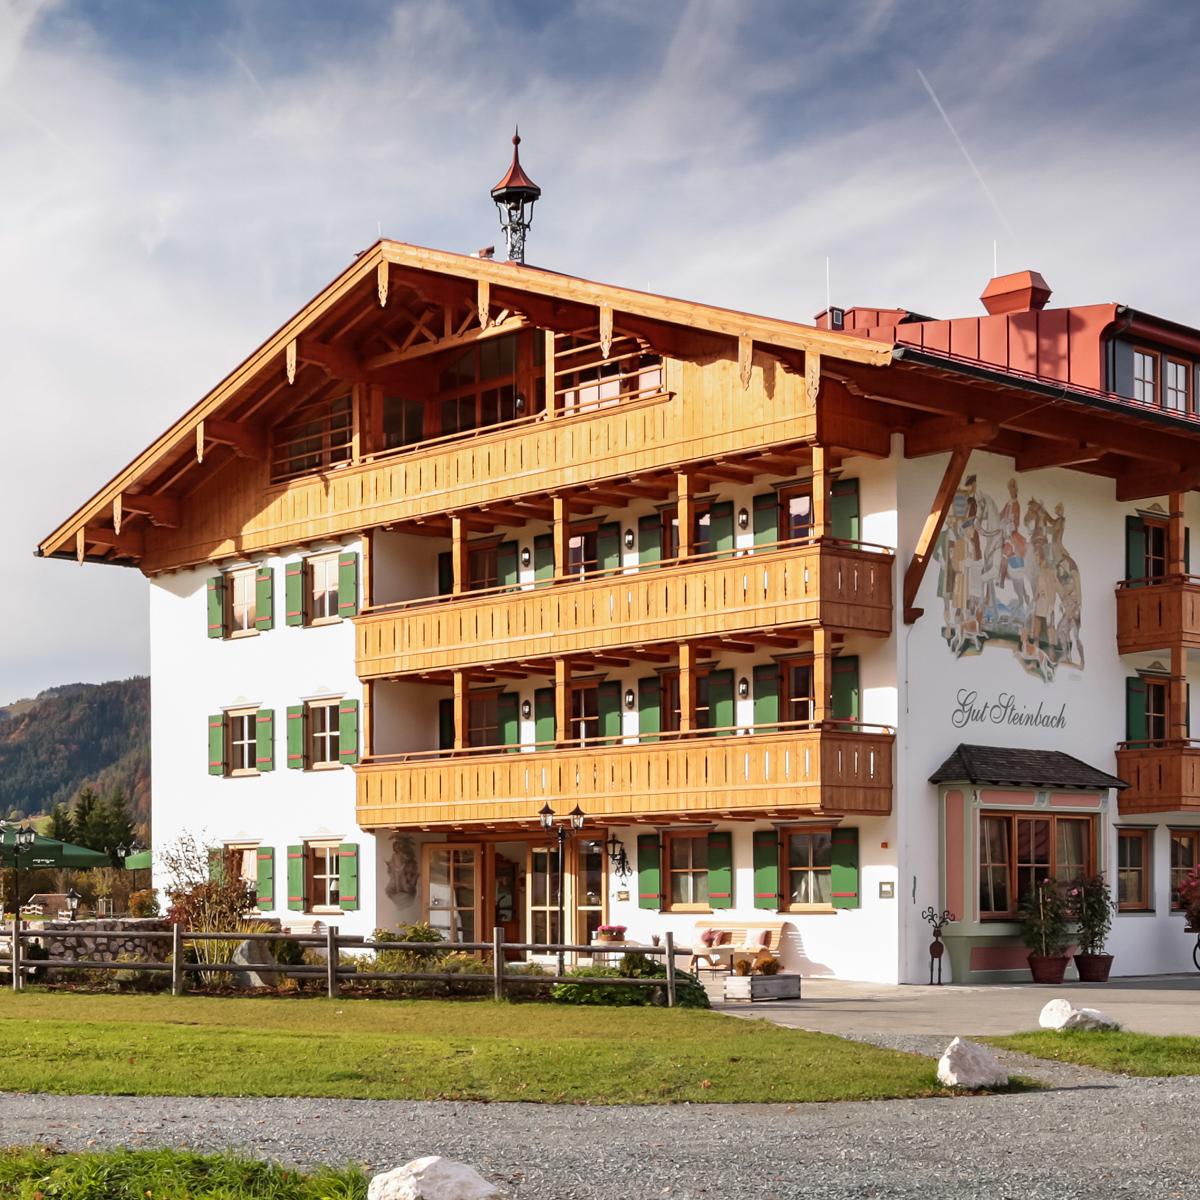 Gut Steinbach Hotel in Bayern-10